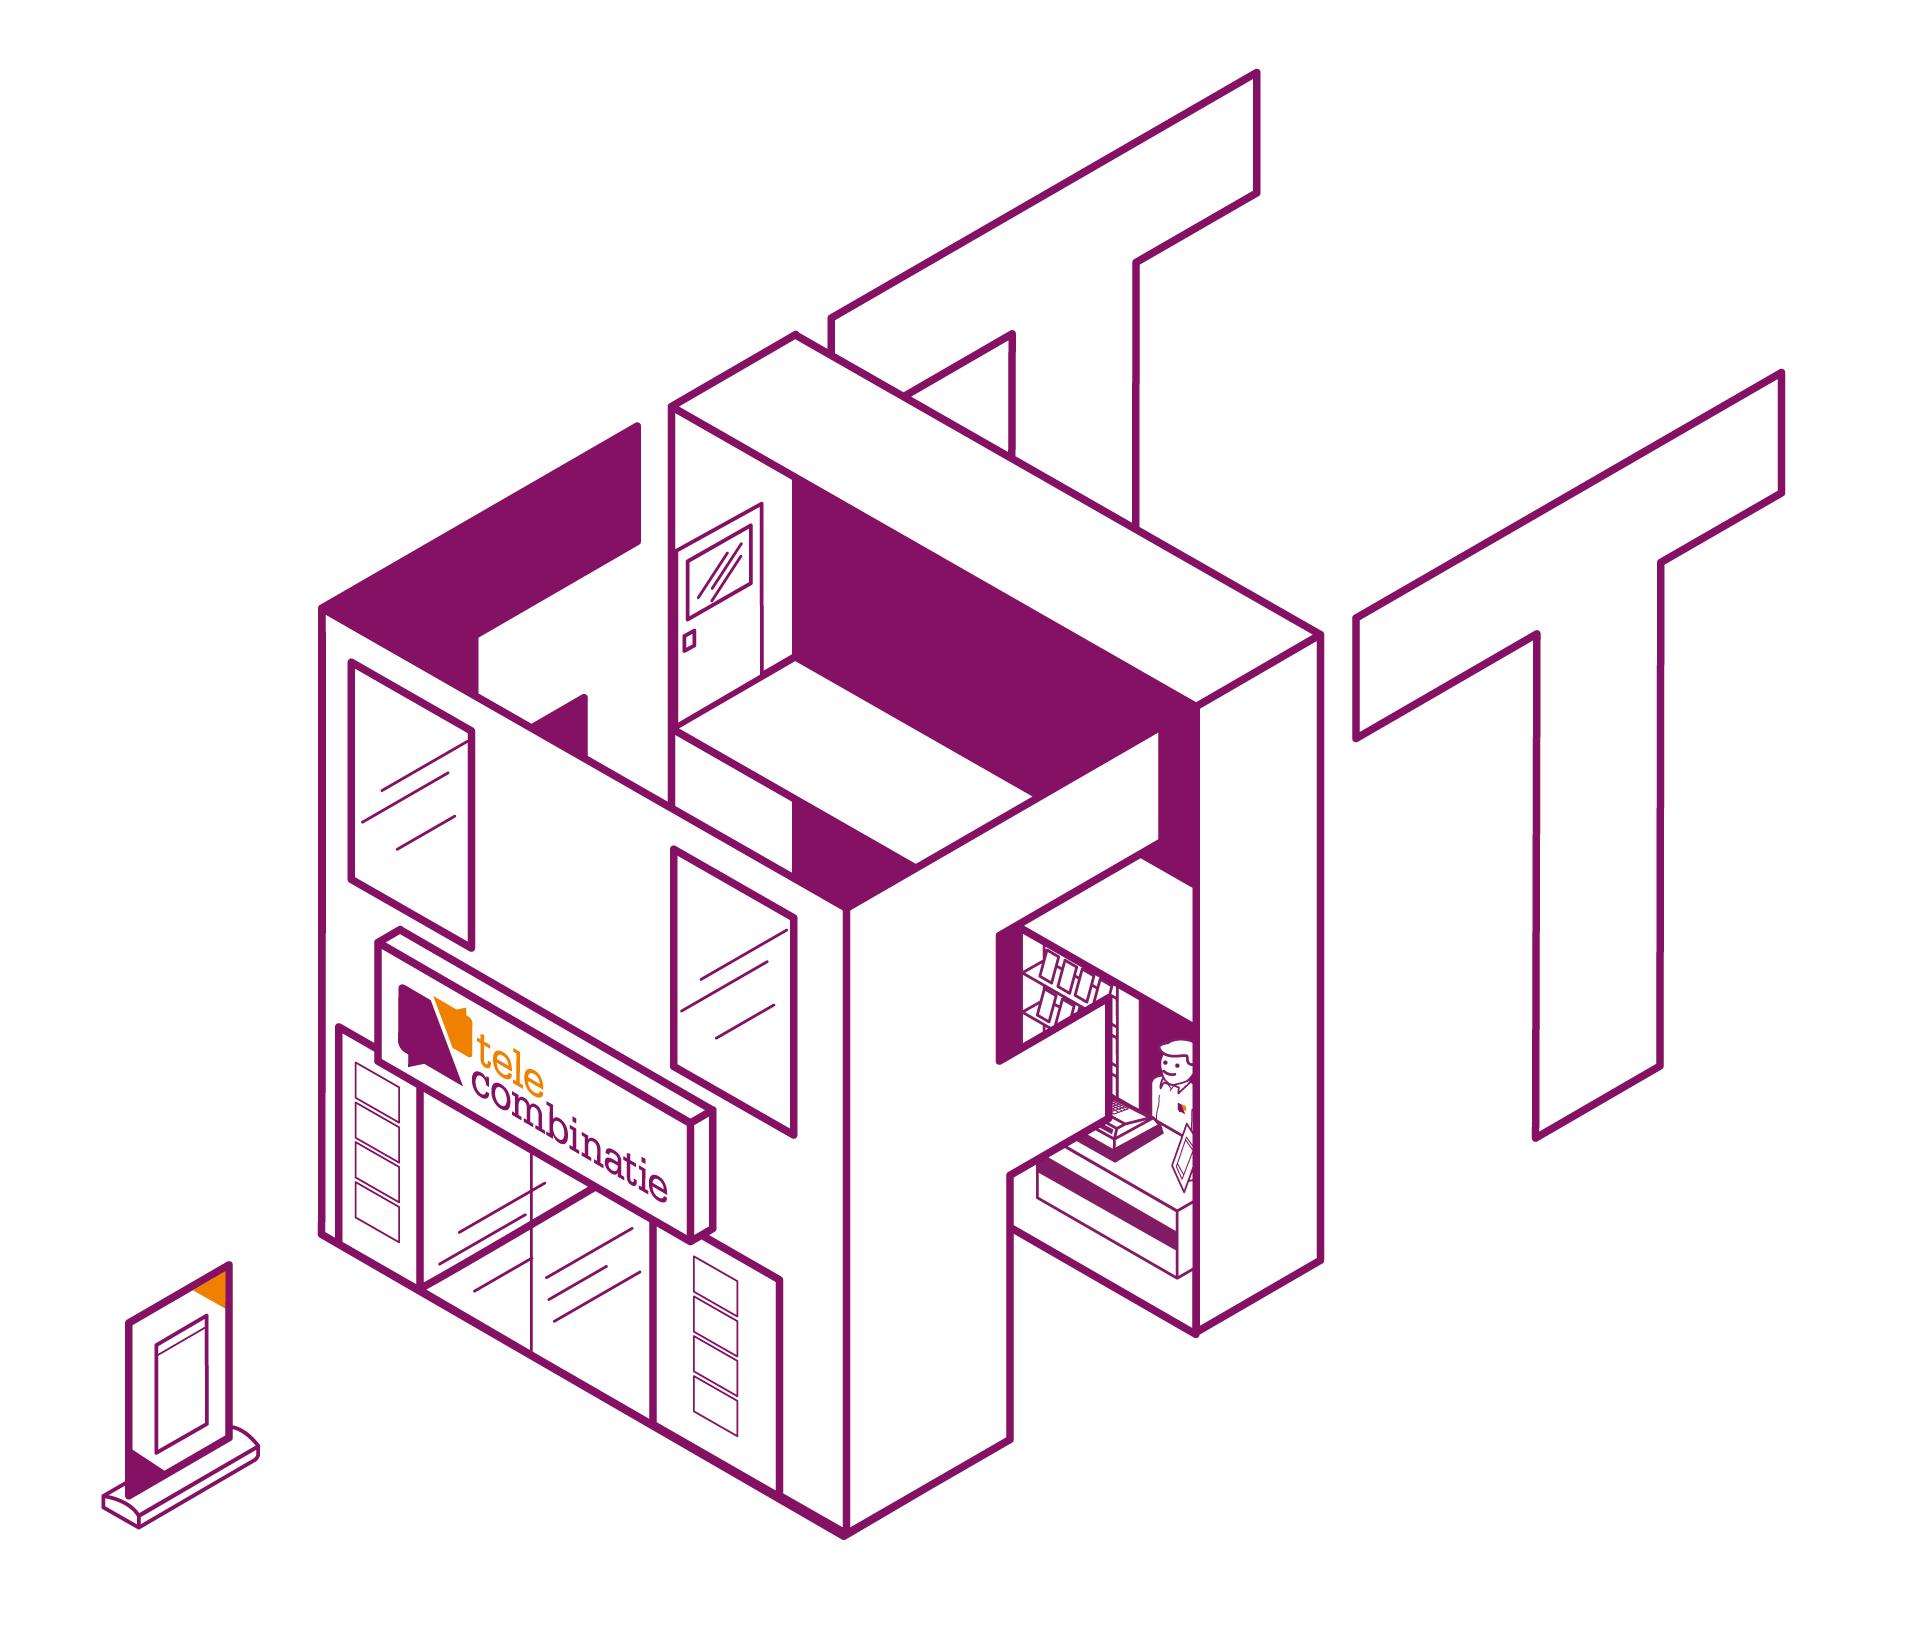 muurtekening-woonkamer-telecombinatie